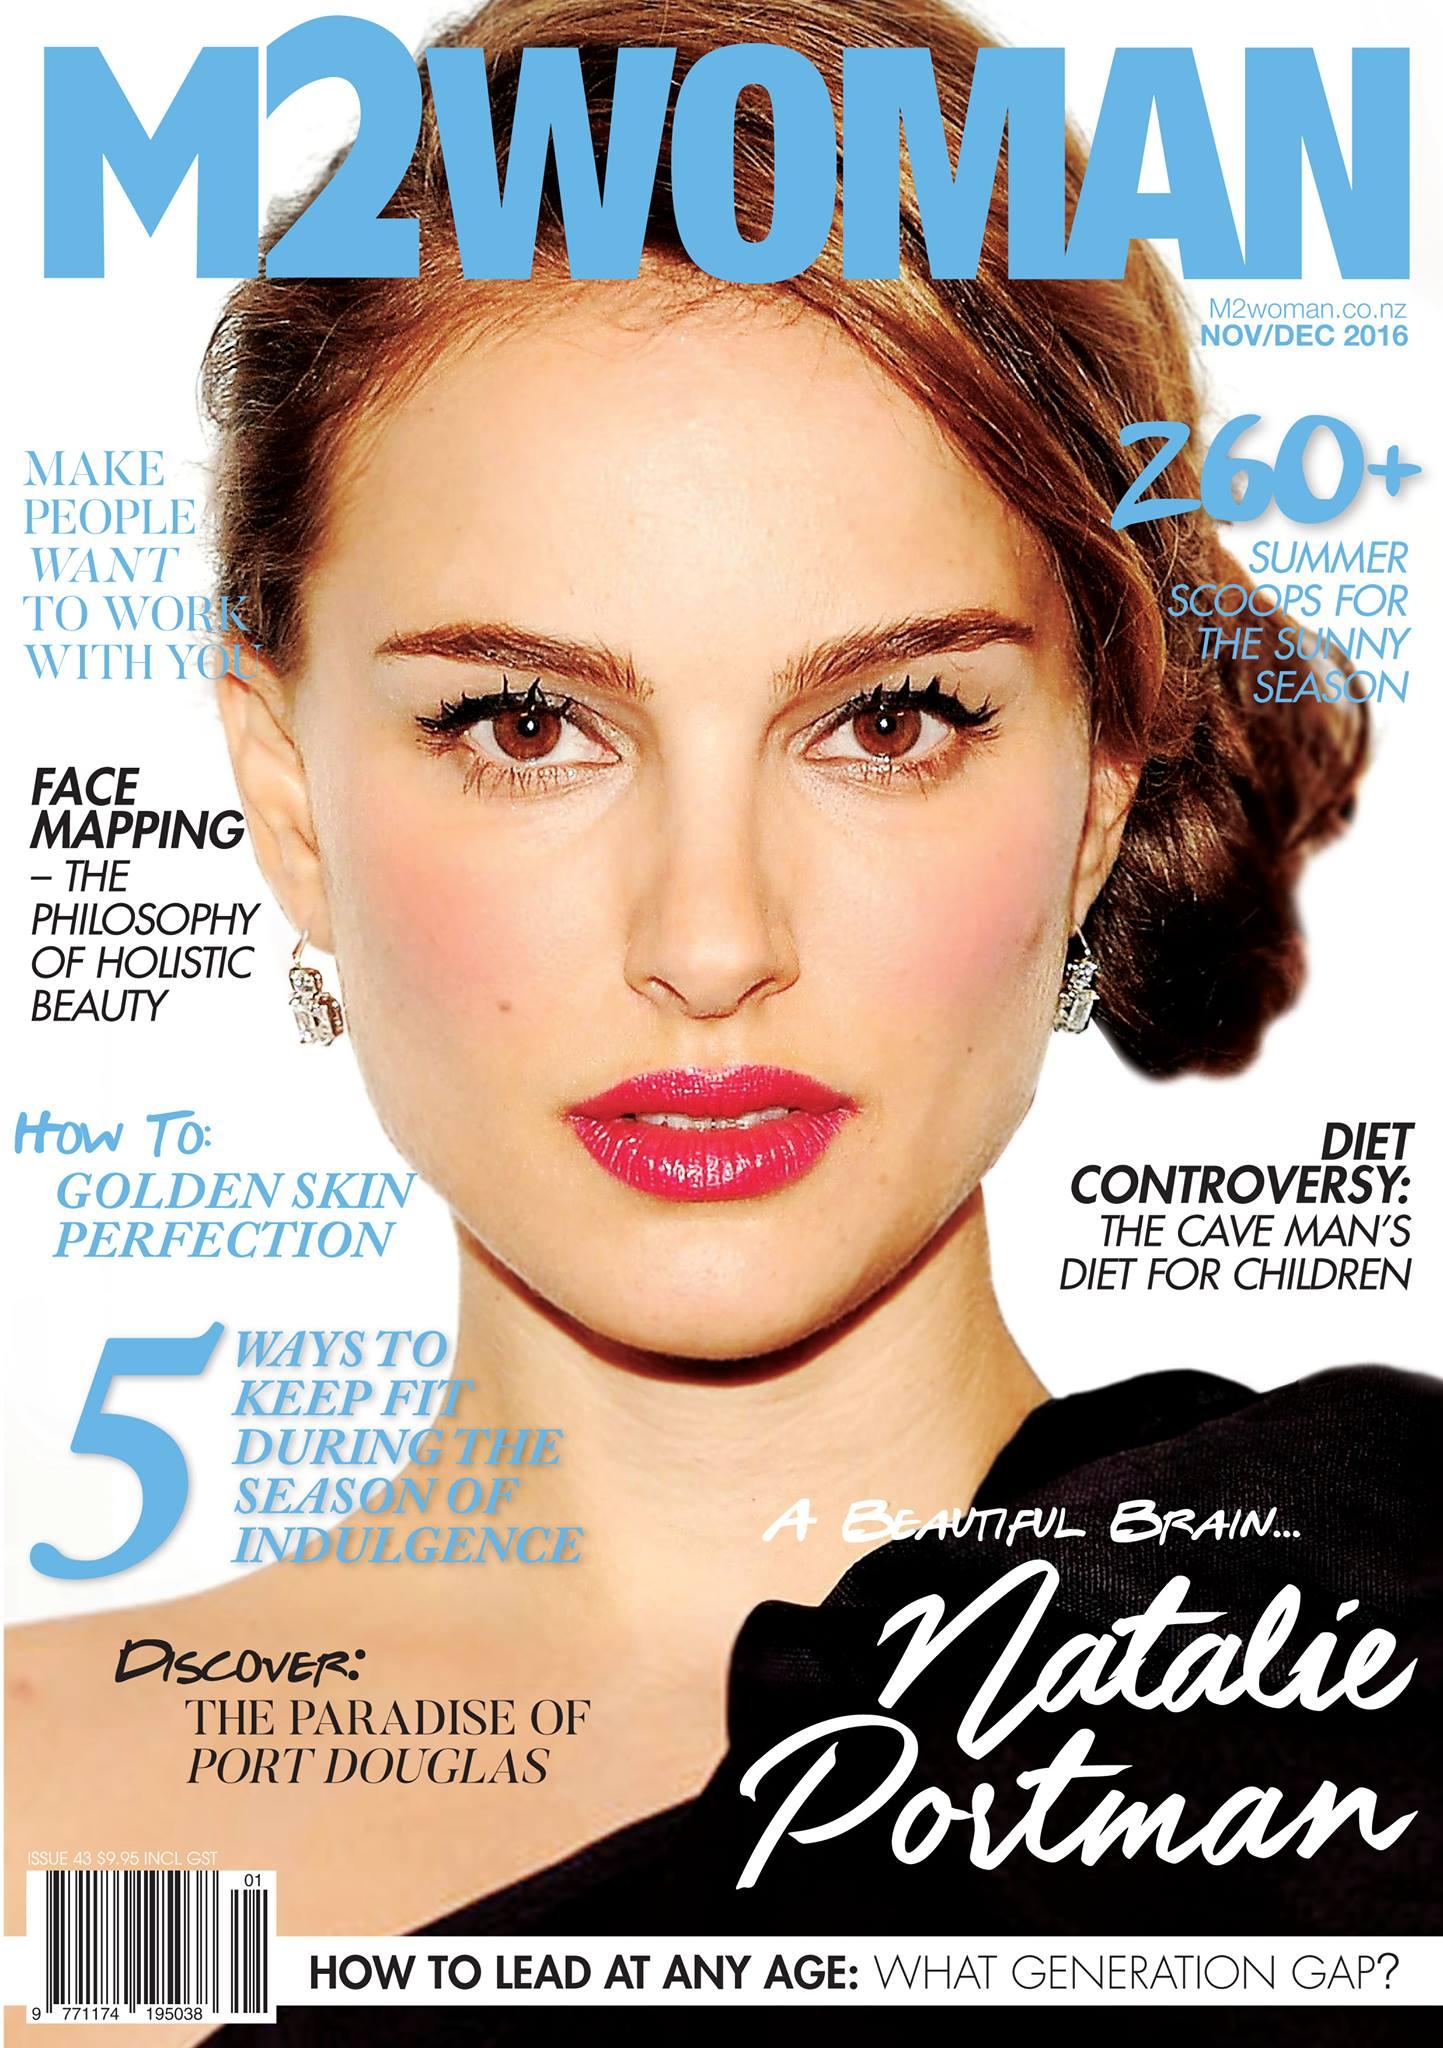 M2 Woman Cover Nov 16.jpg